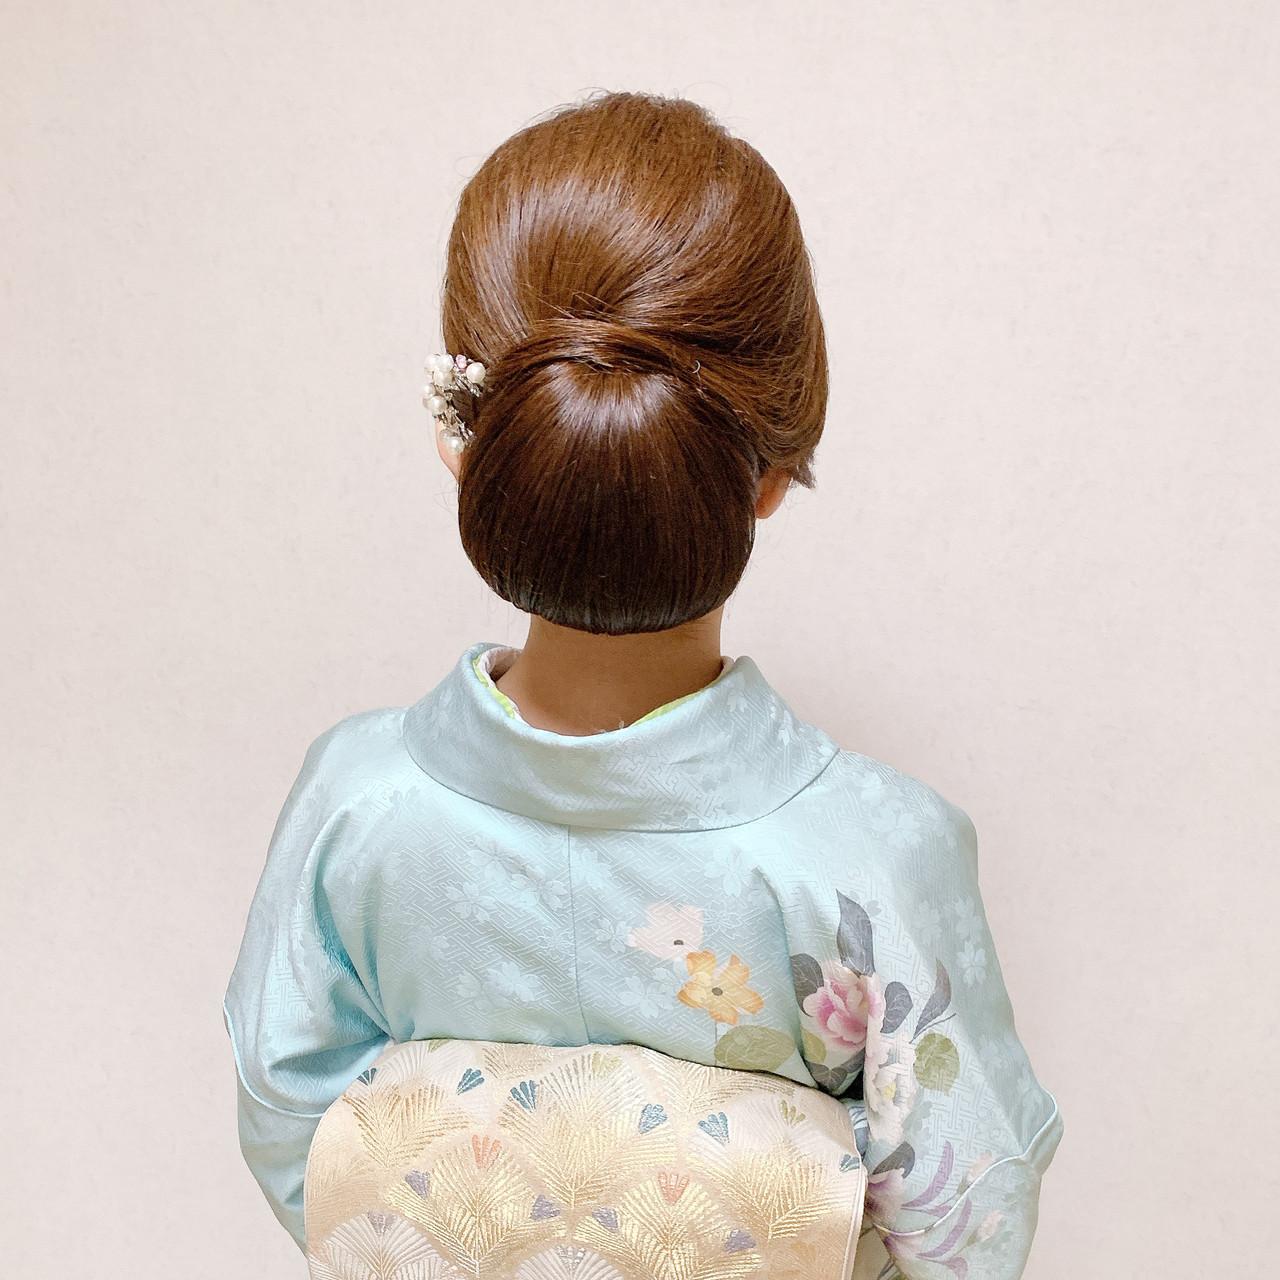 ミディアム 着物 訪問着 結婚式 ヘアスタイルや髪型の写真・画像